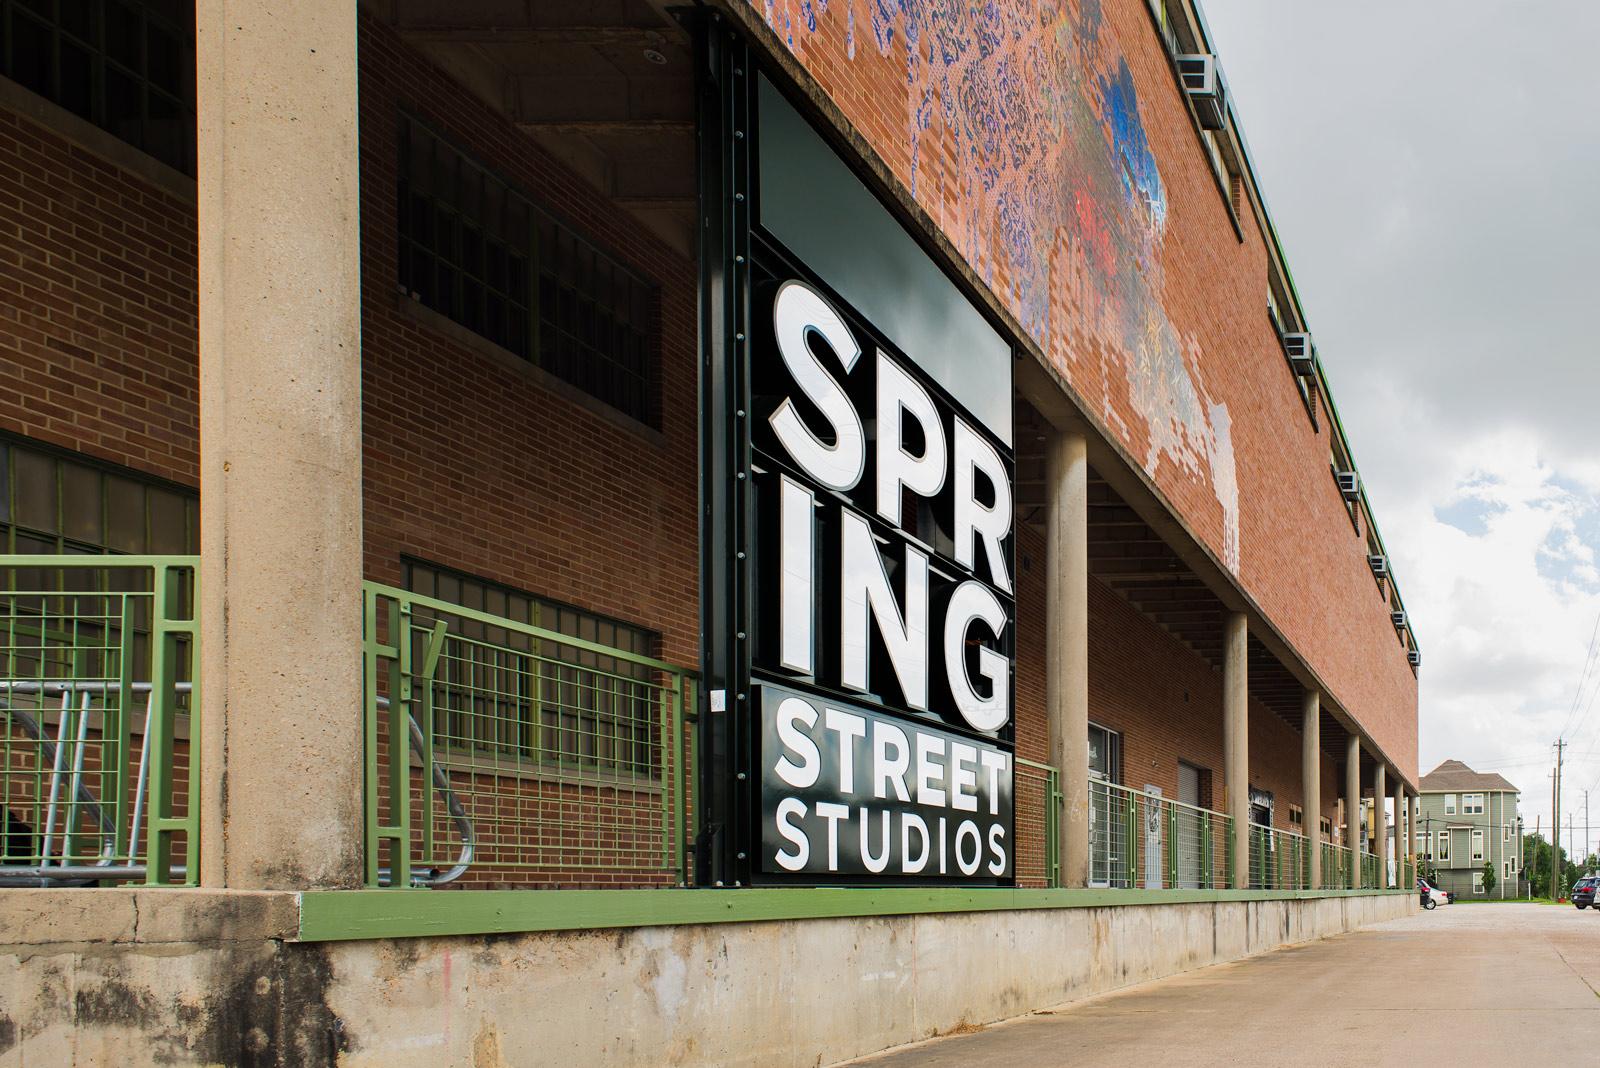 springstreet-day-sign-1.jpg